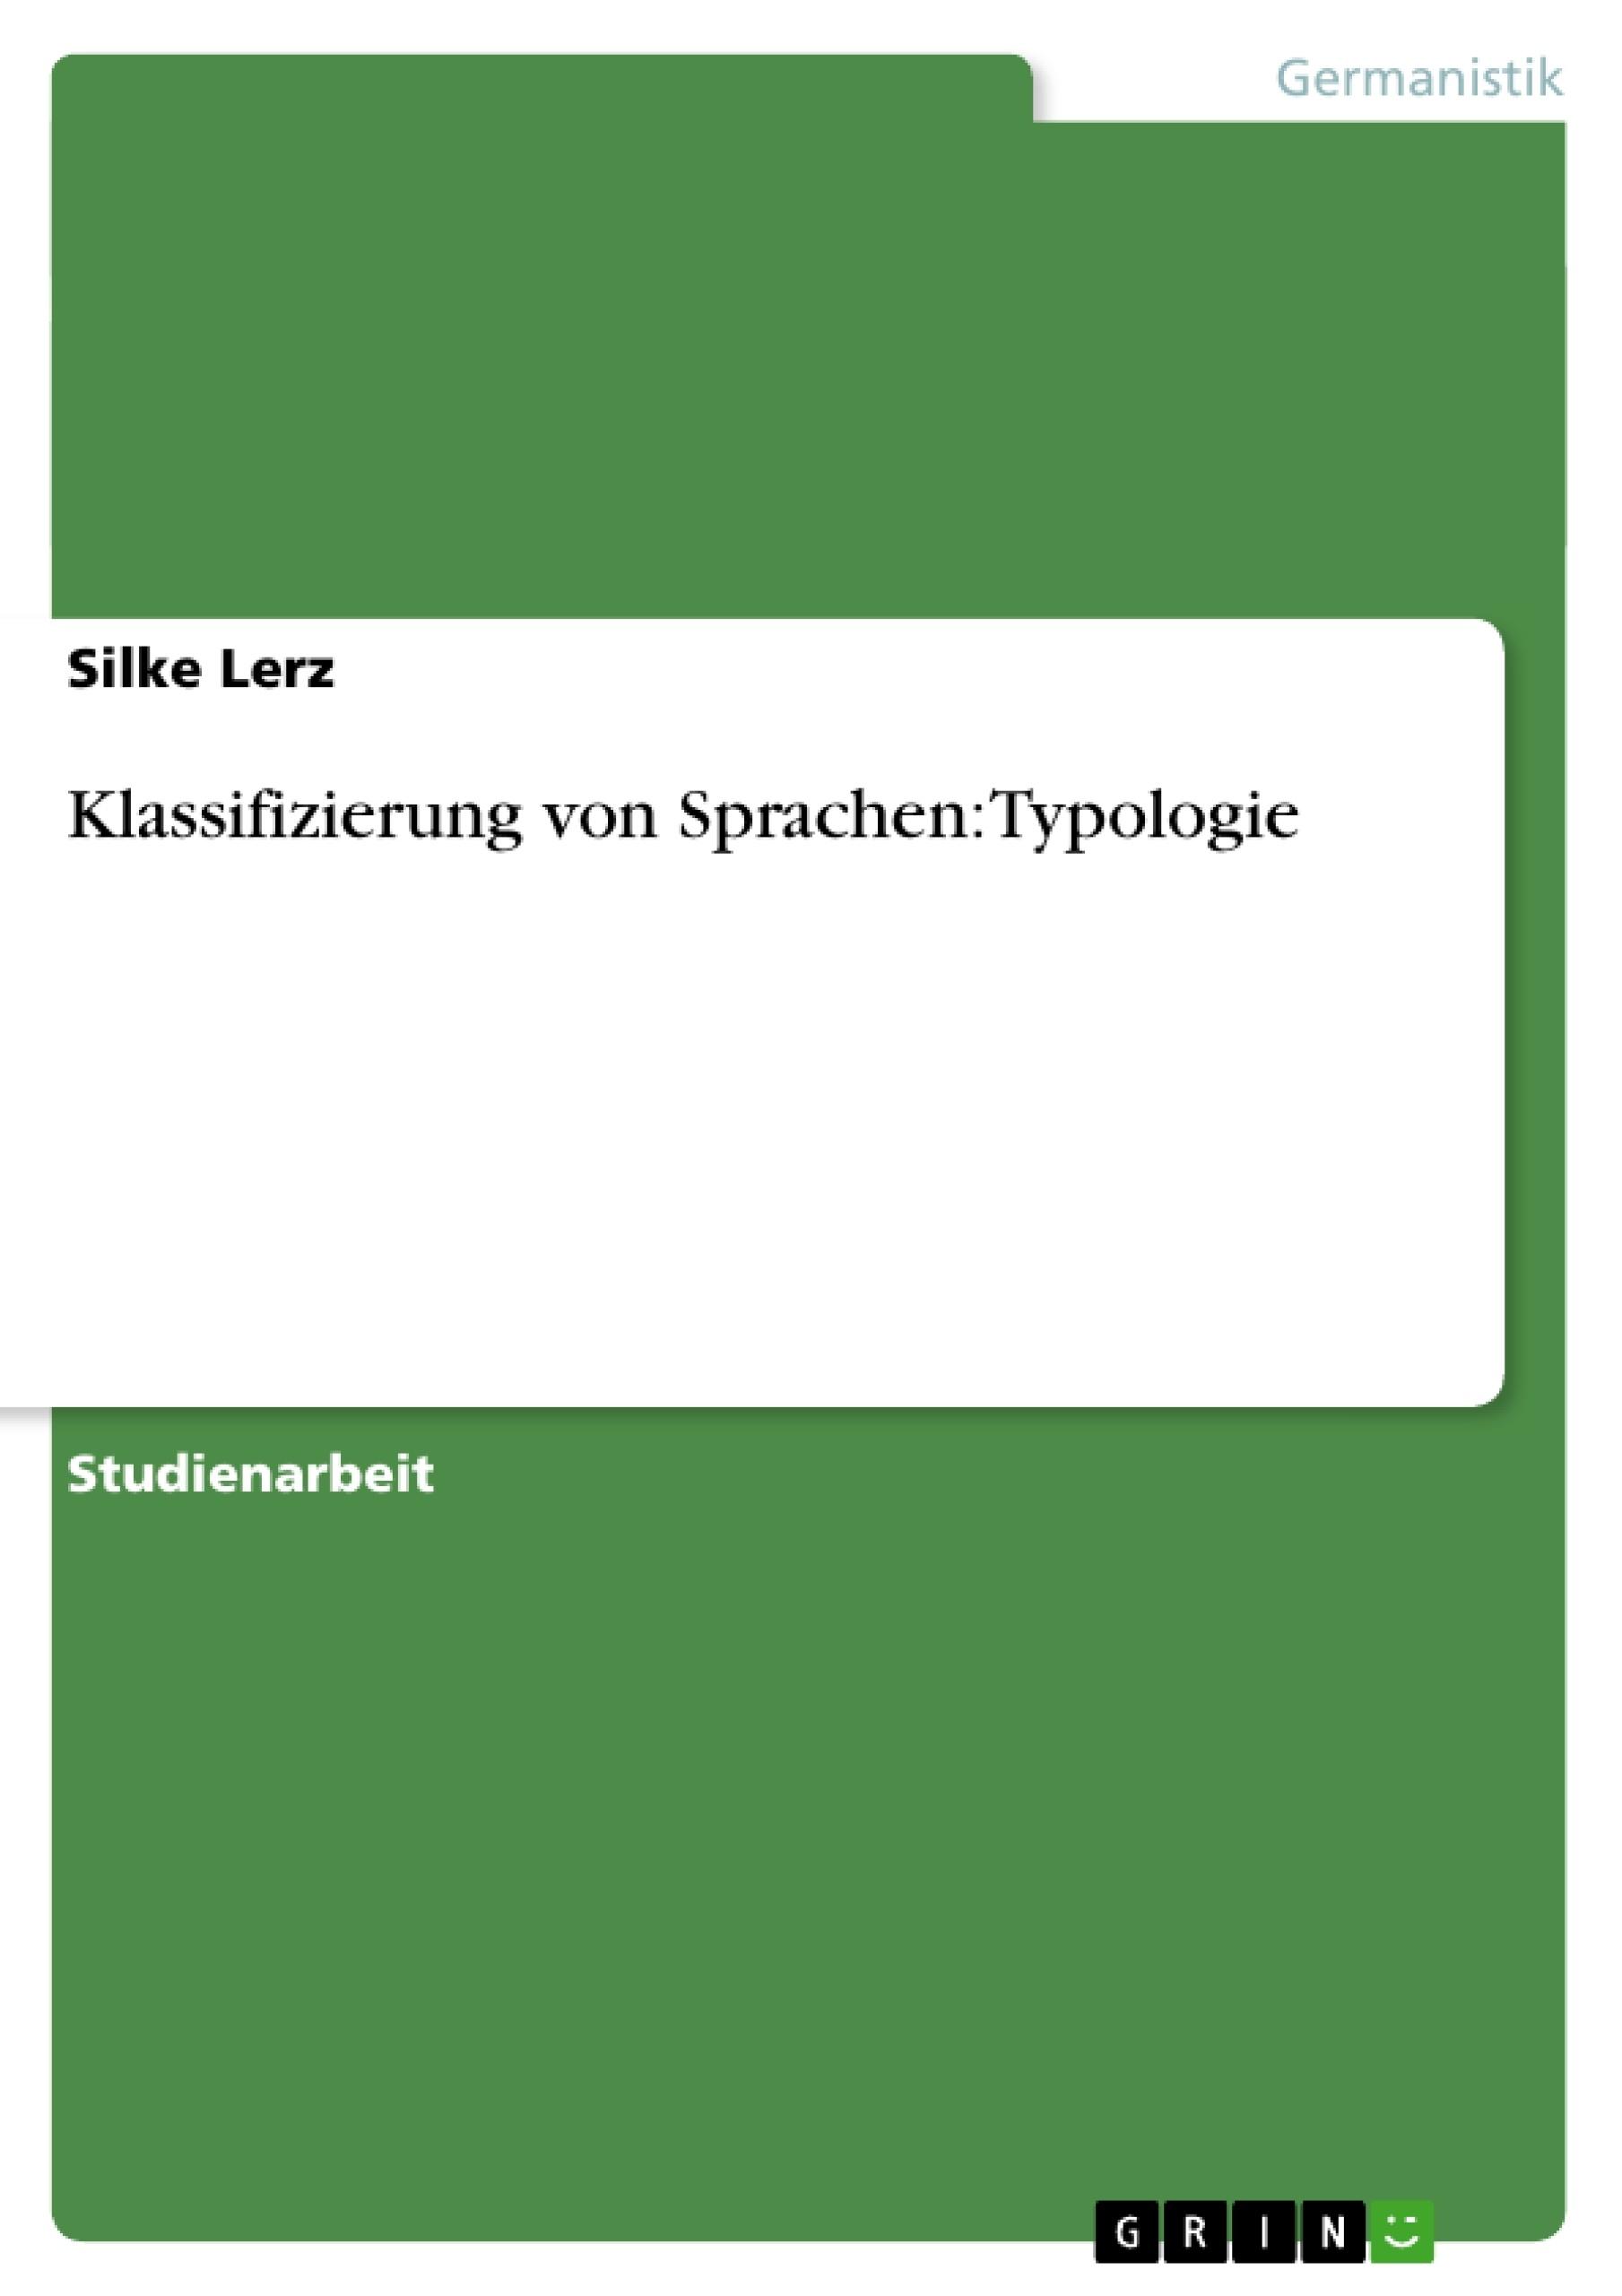 Titel: Klassifizierung von Sprachen: Typologie